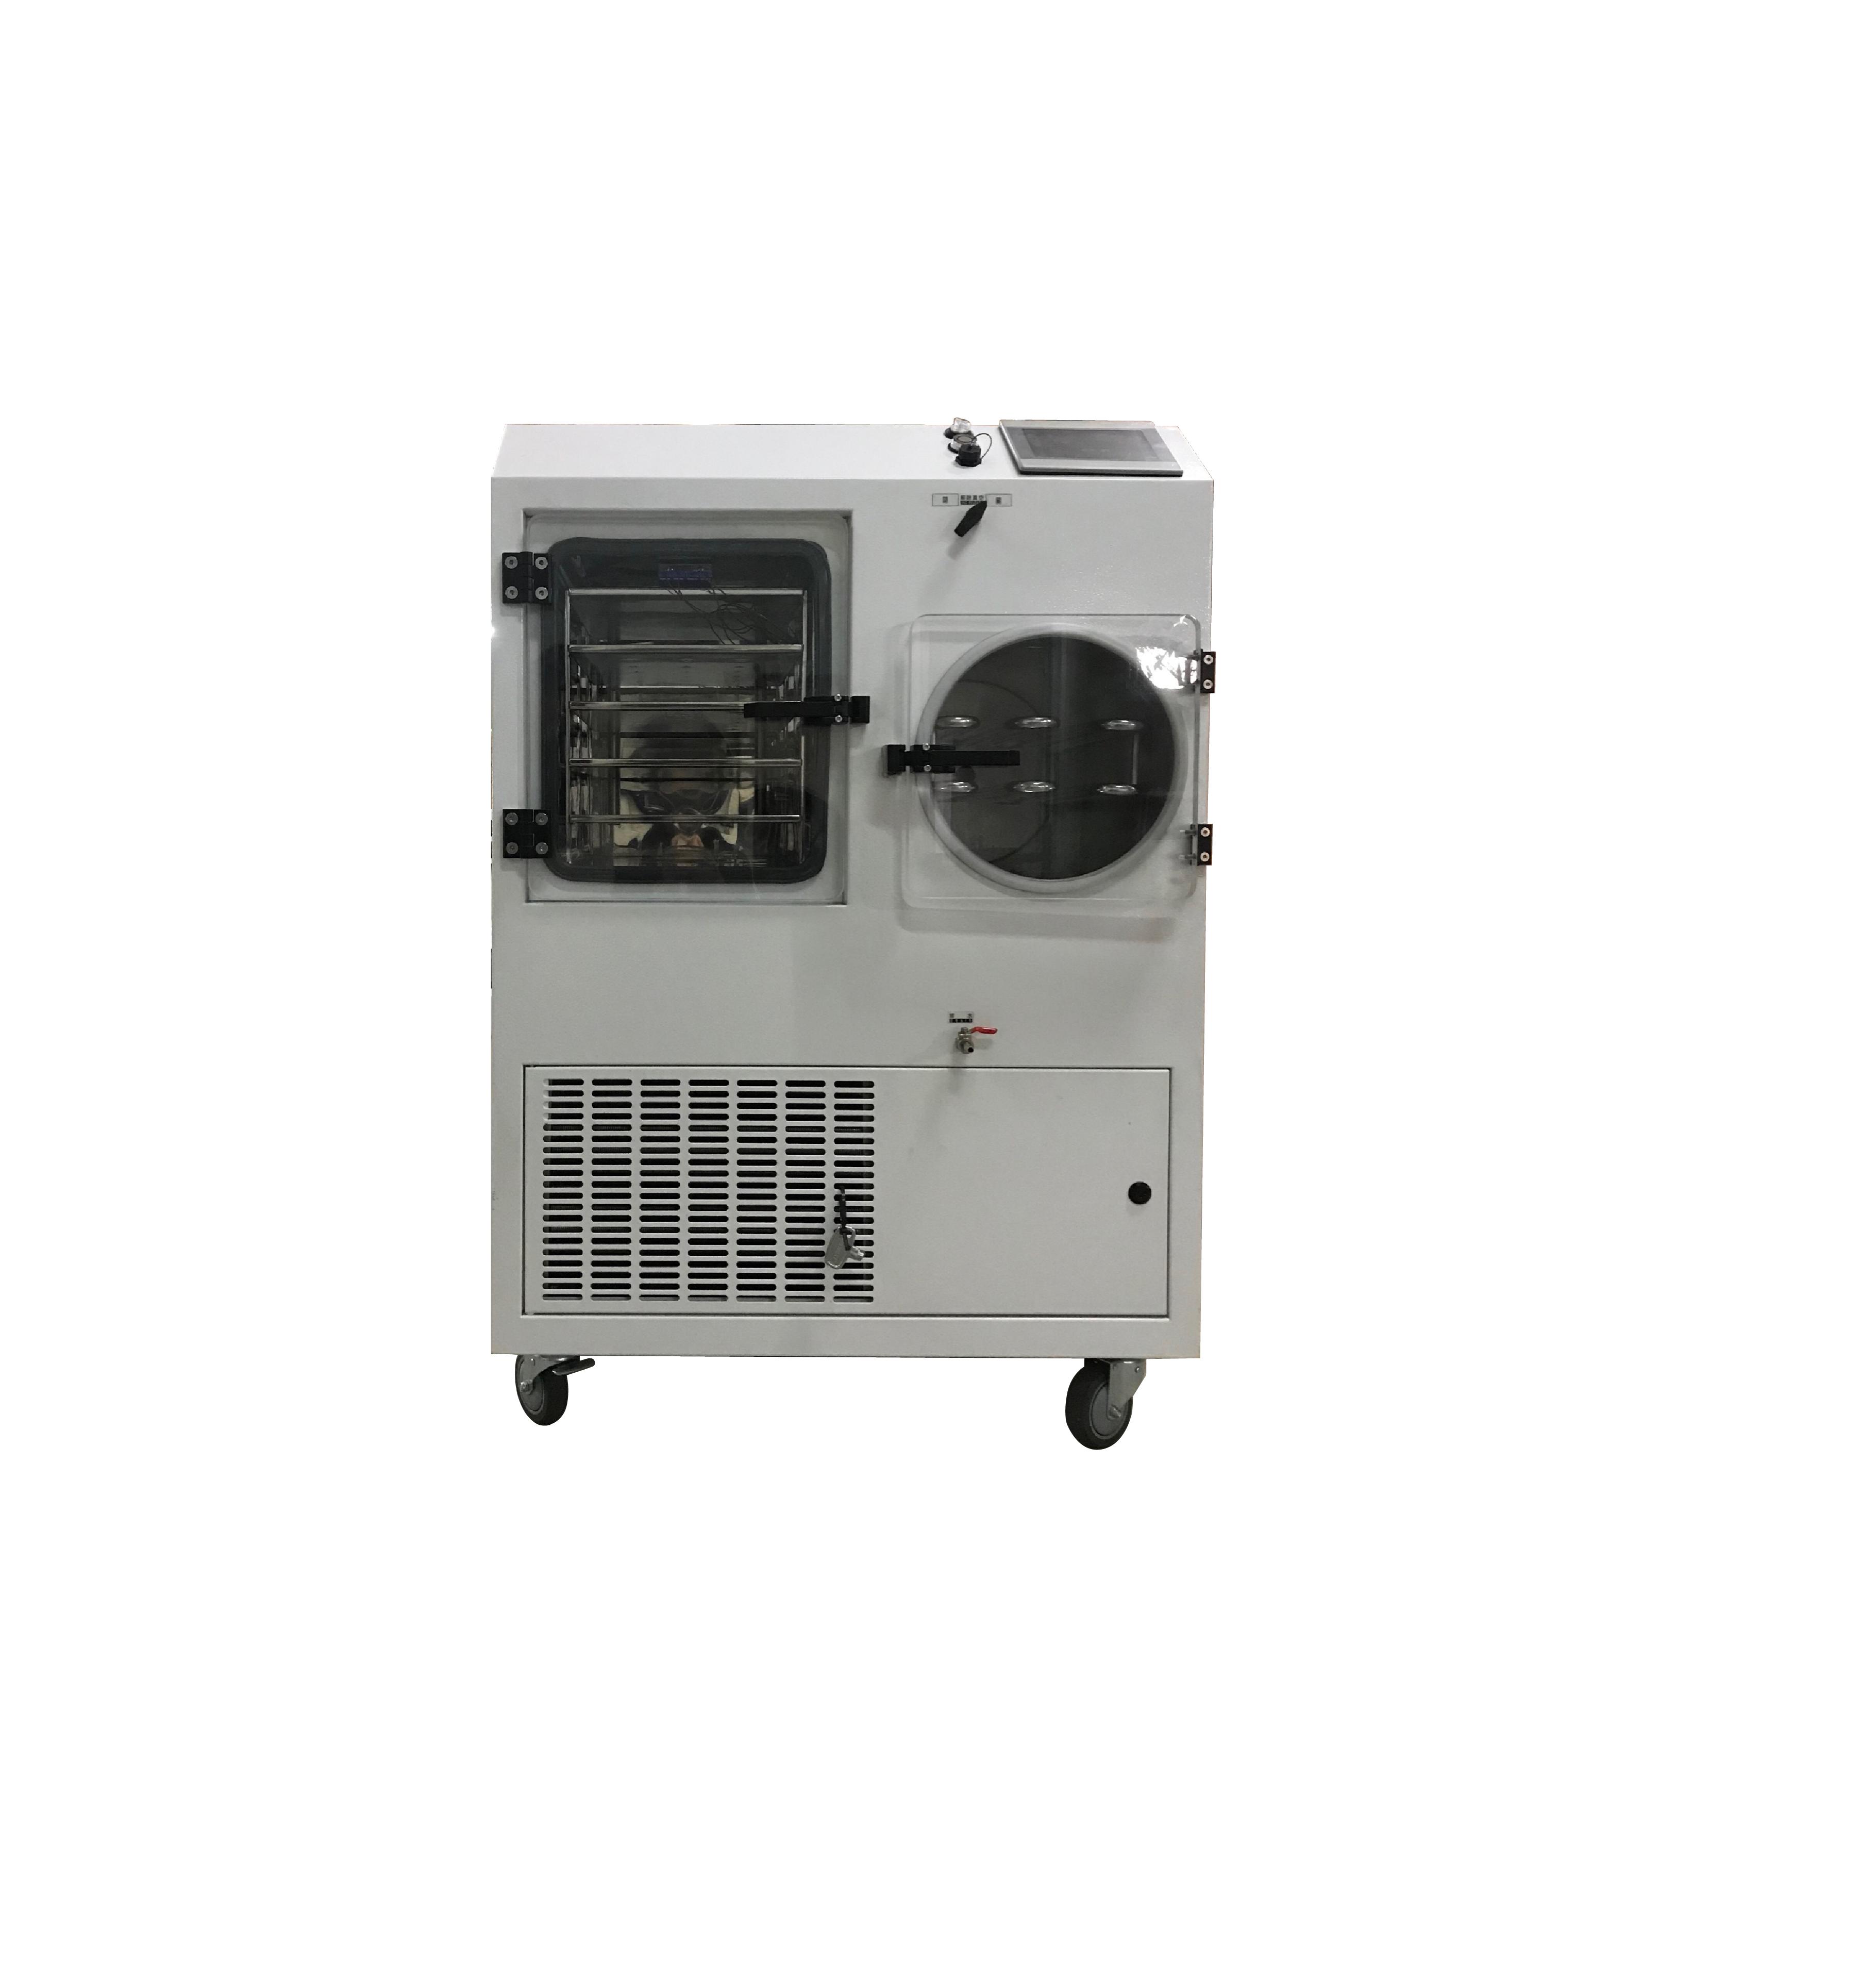 FD24-4S落地棚架型冷凍乾燥機產品圖-0